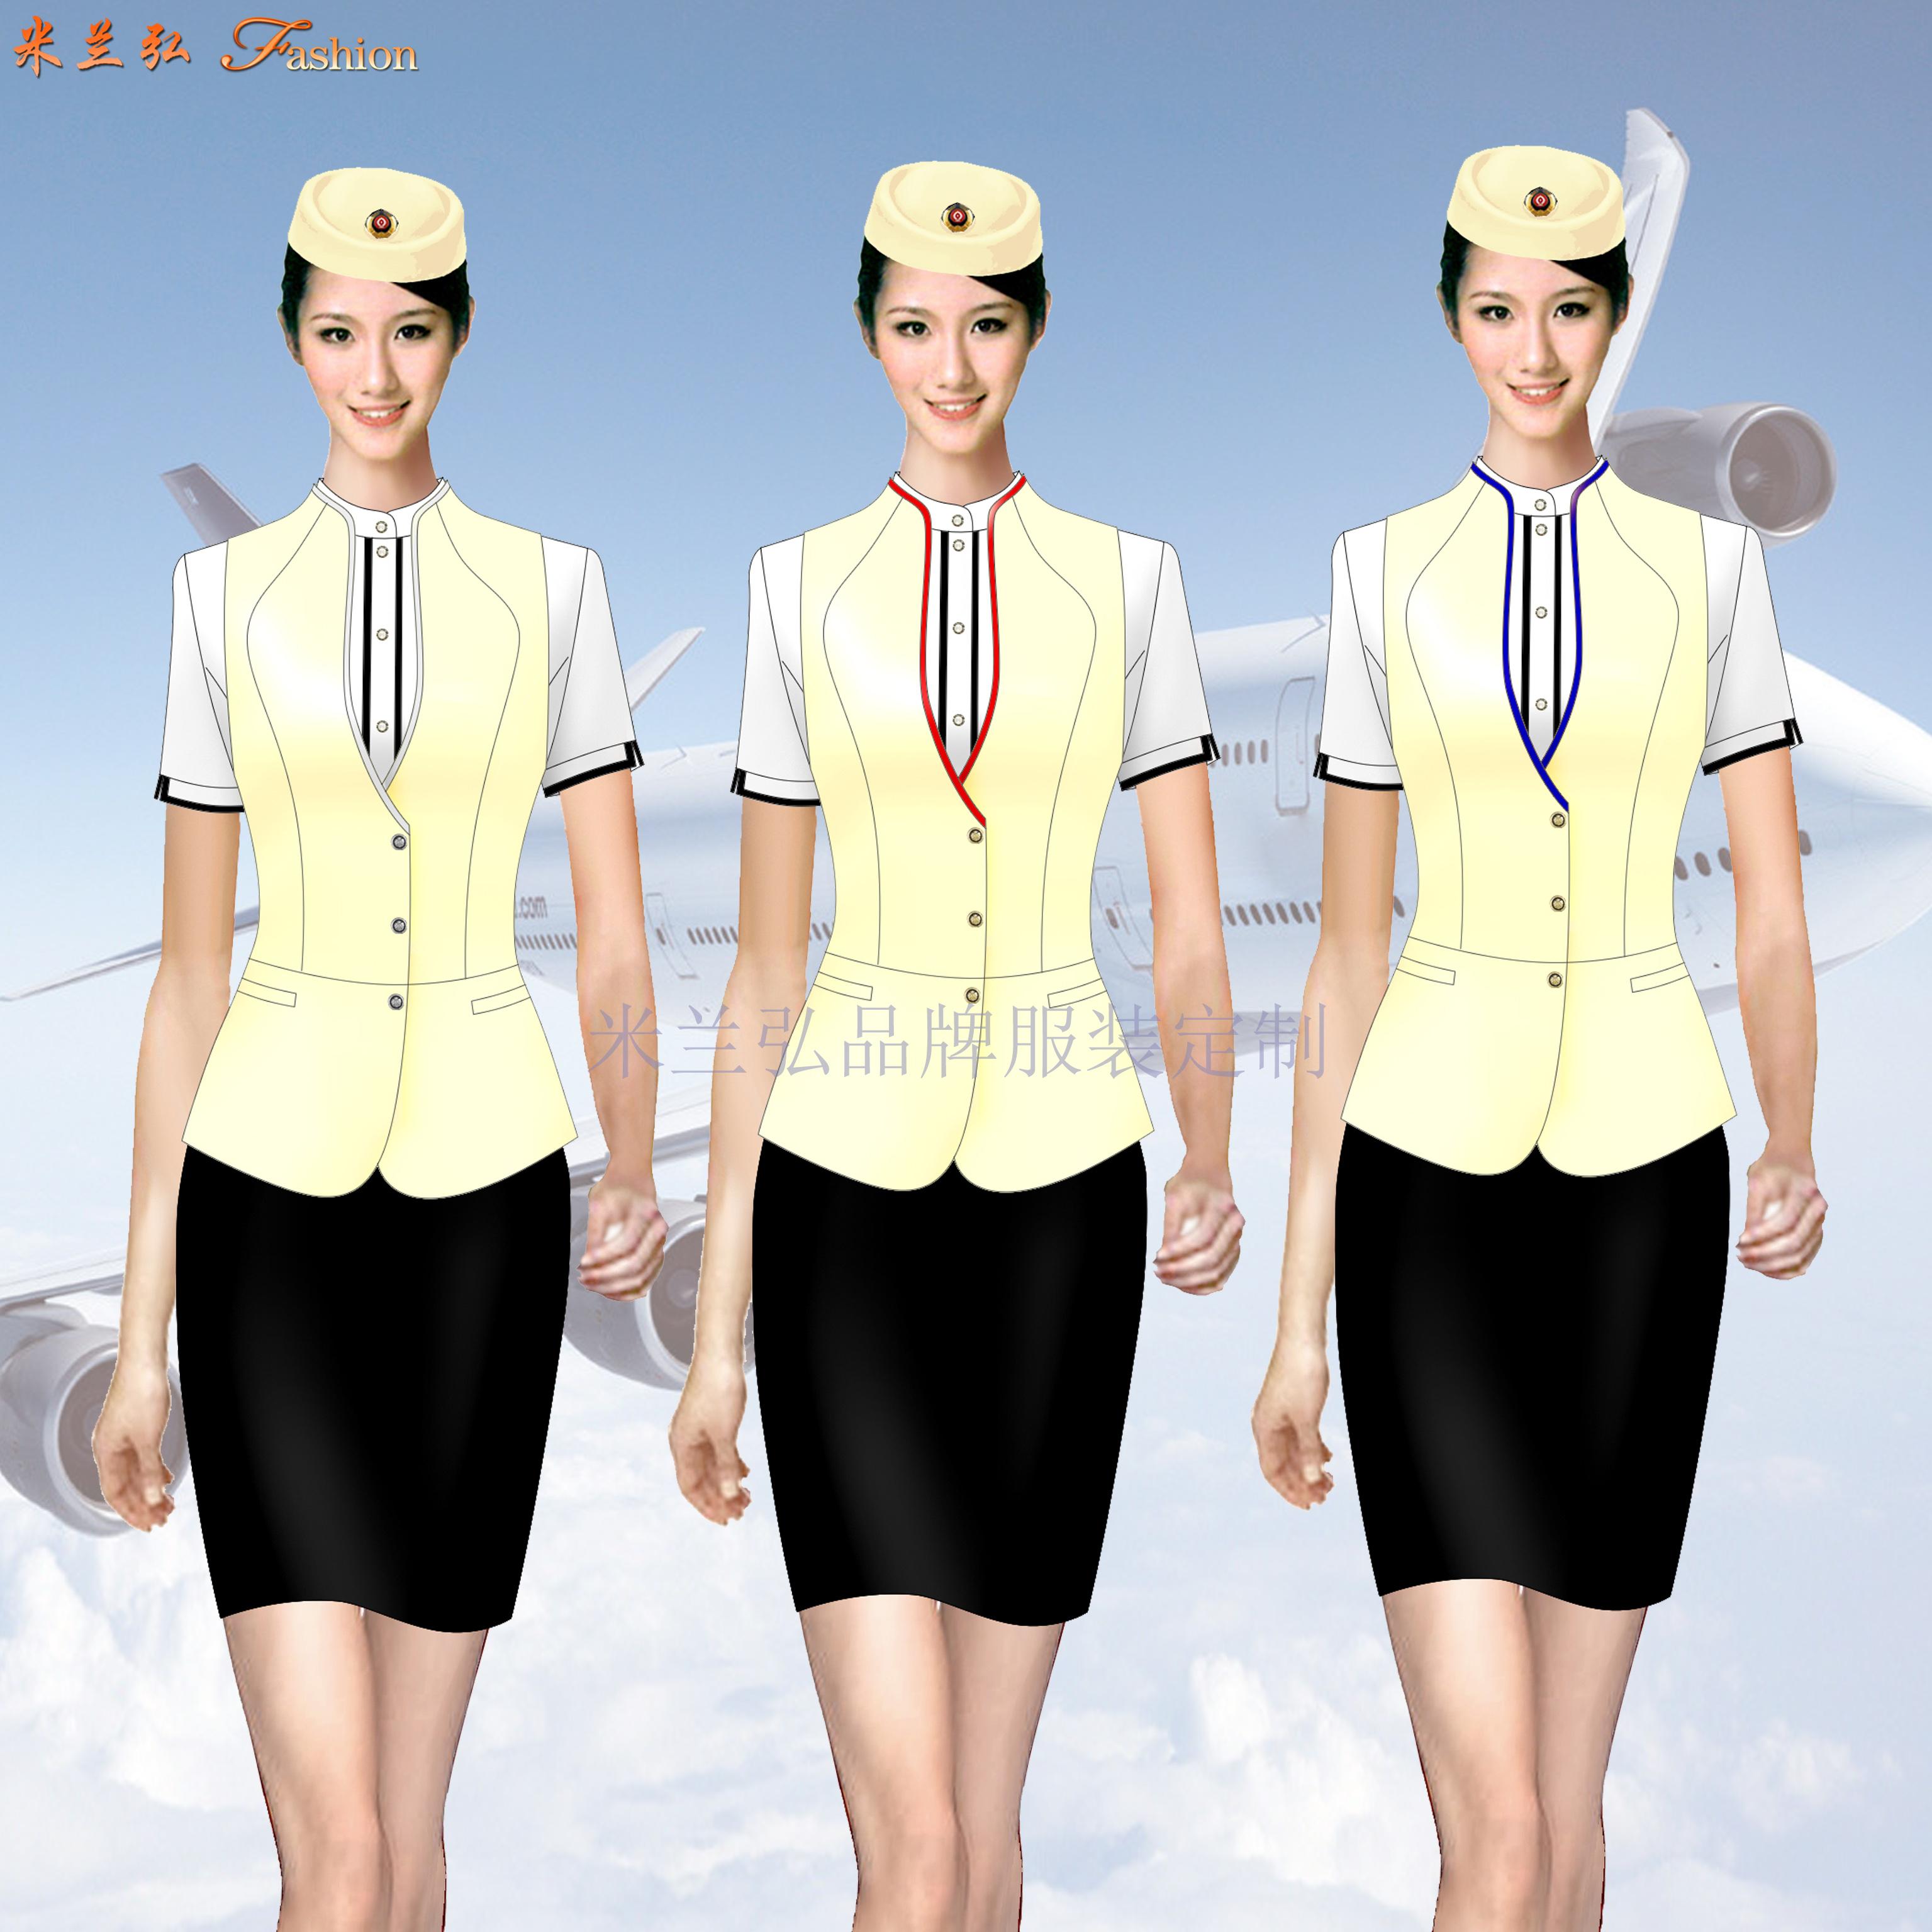 「短袖修身空姐服款式」「短袖靚麗空姐服圖片」-米蘭弘服裝-2